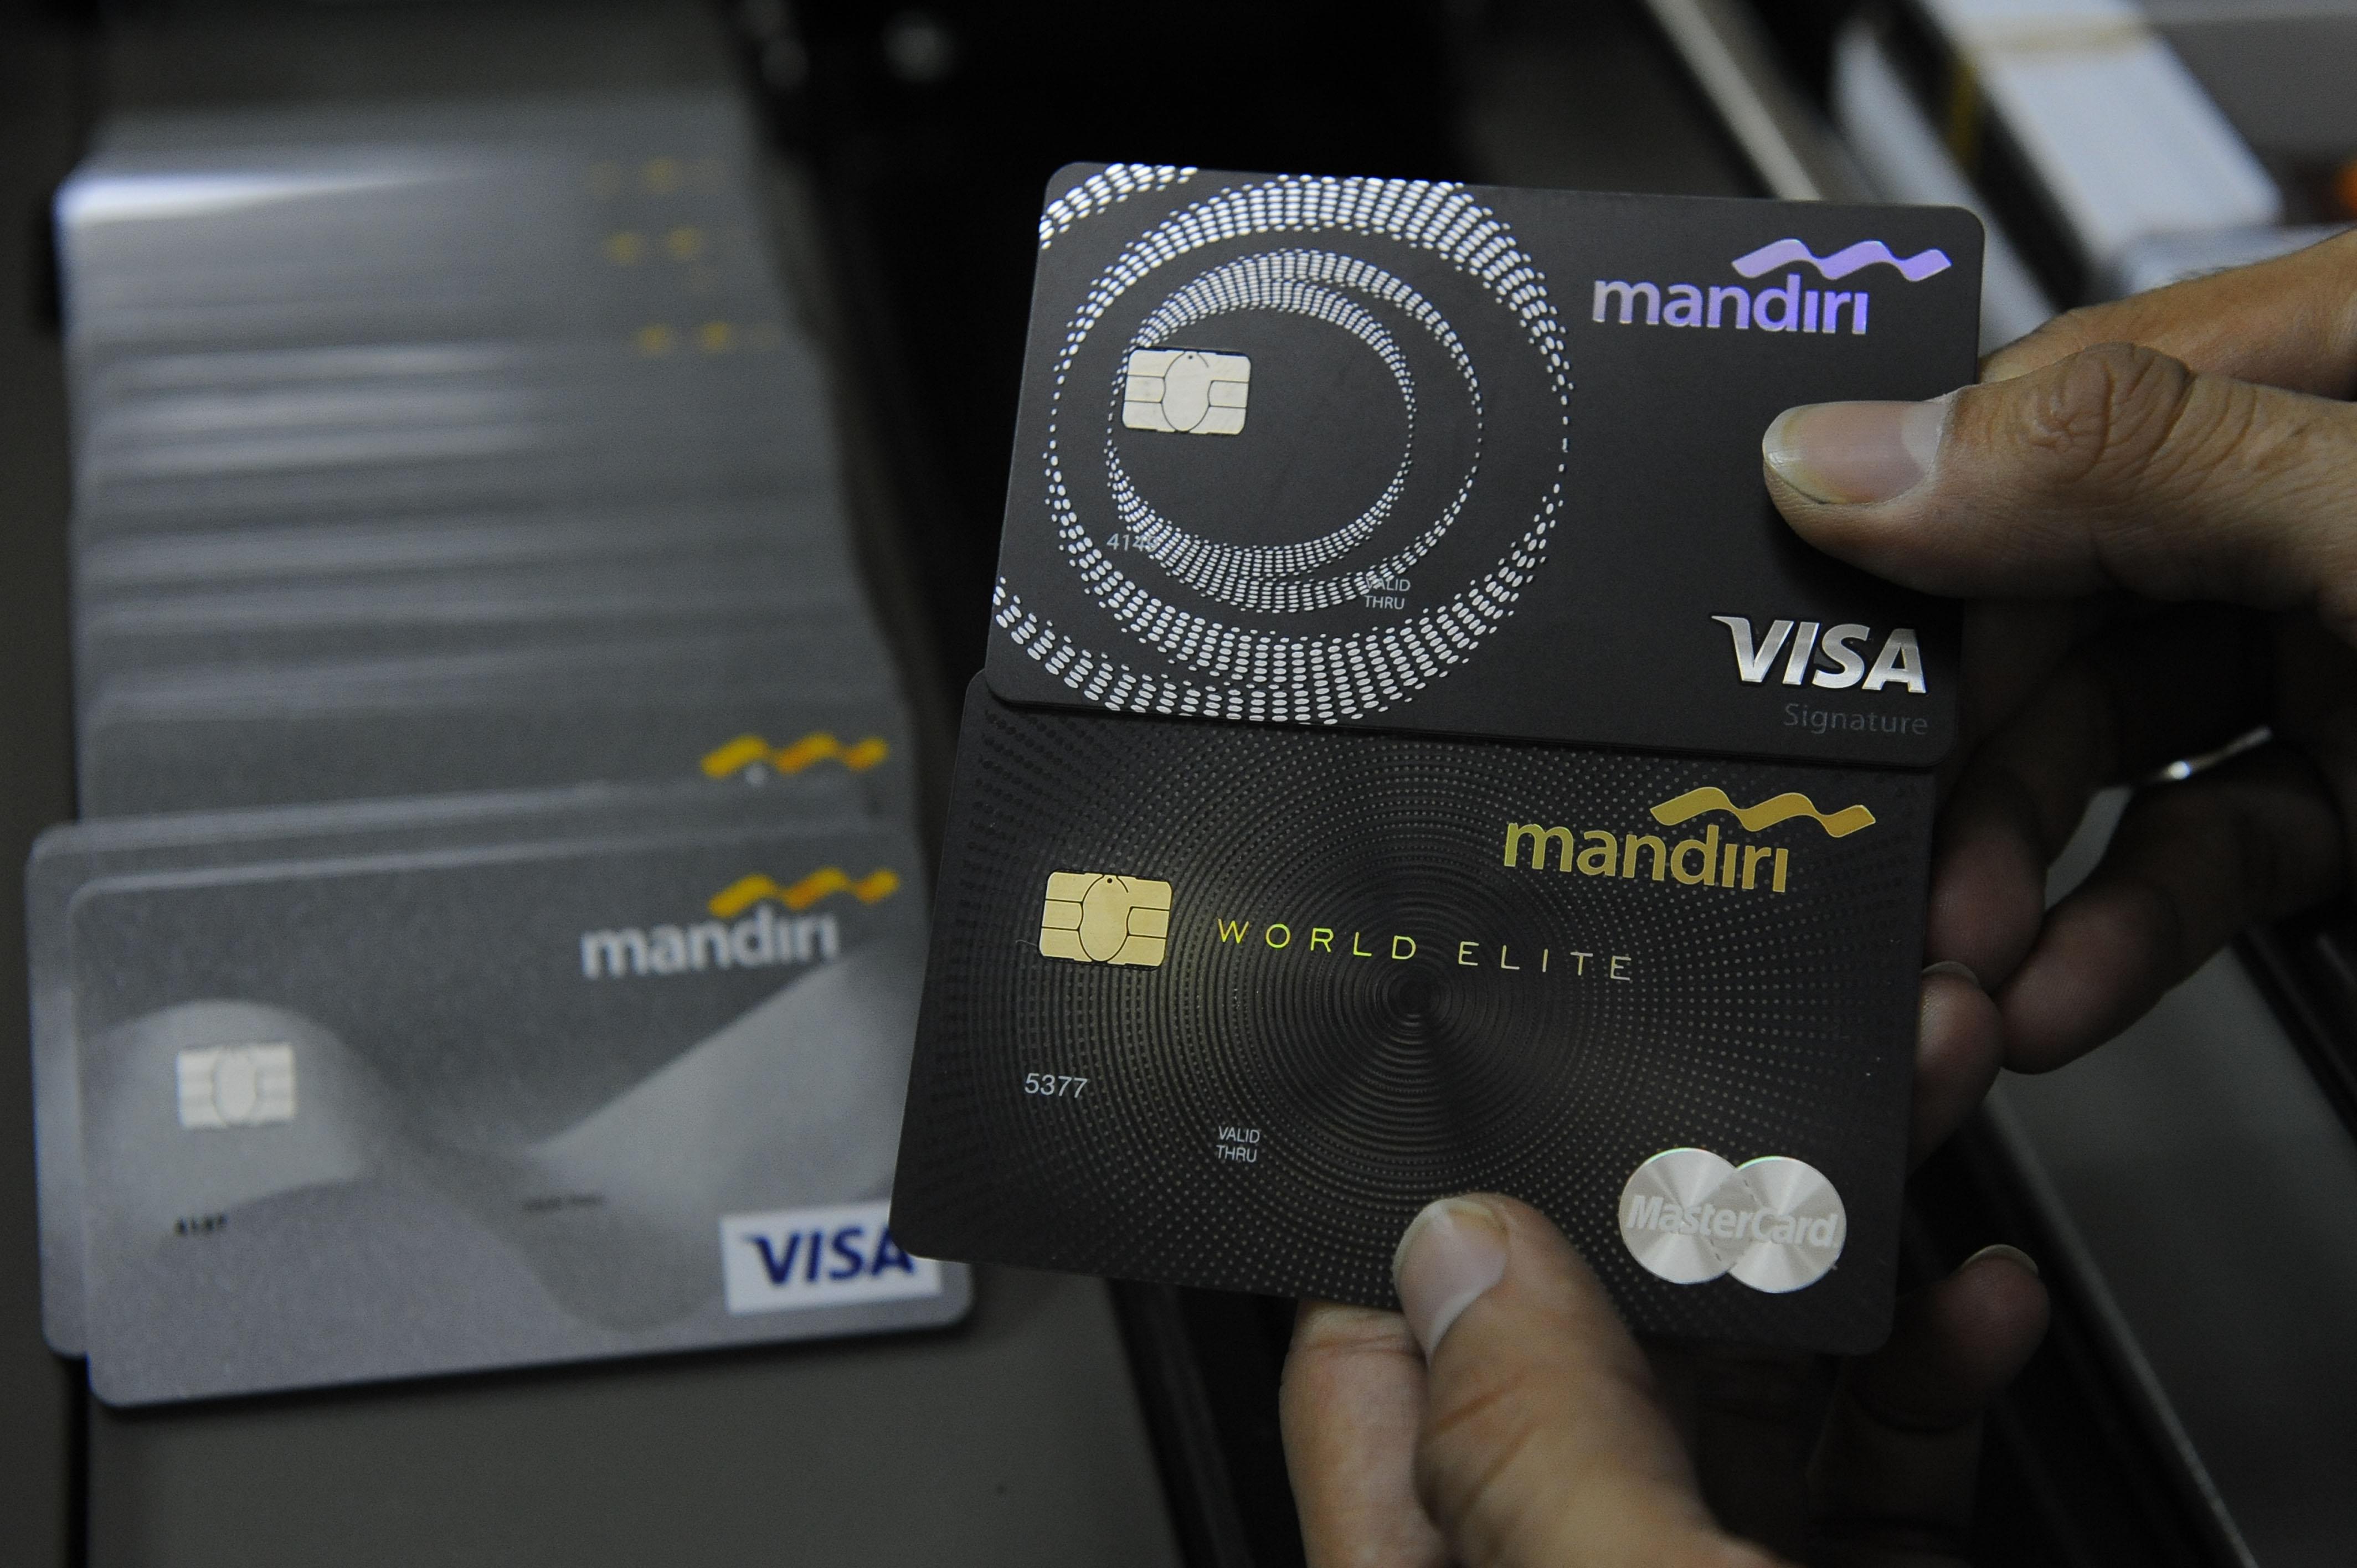 Intip Transaksi Kartu Kredit, Mandiri: Konsumen Merasa ...